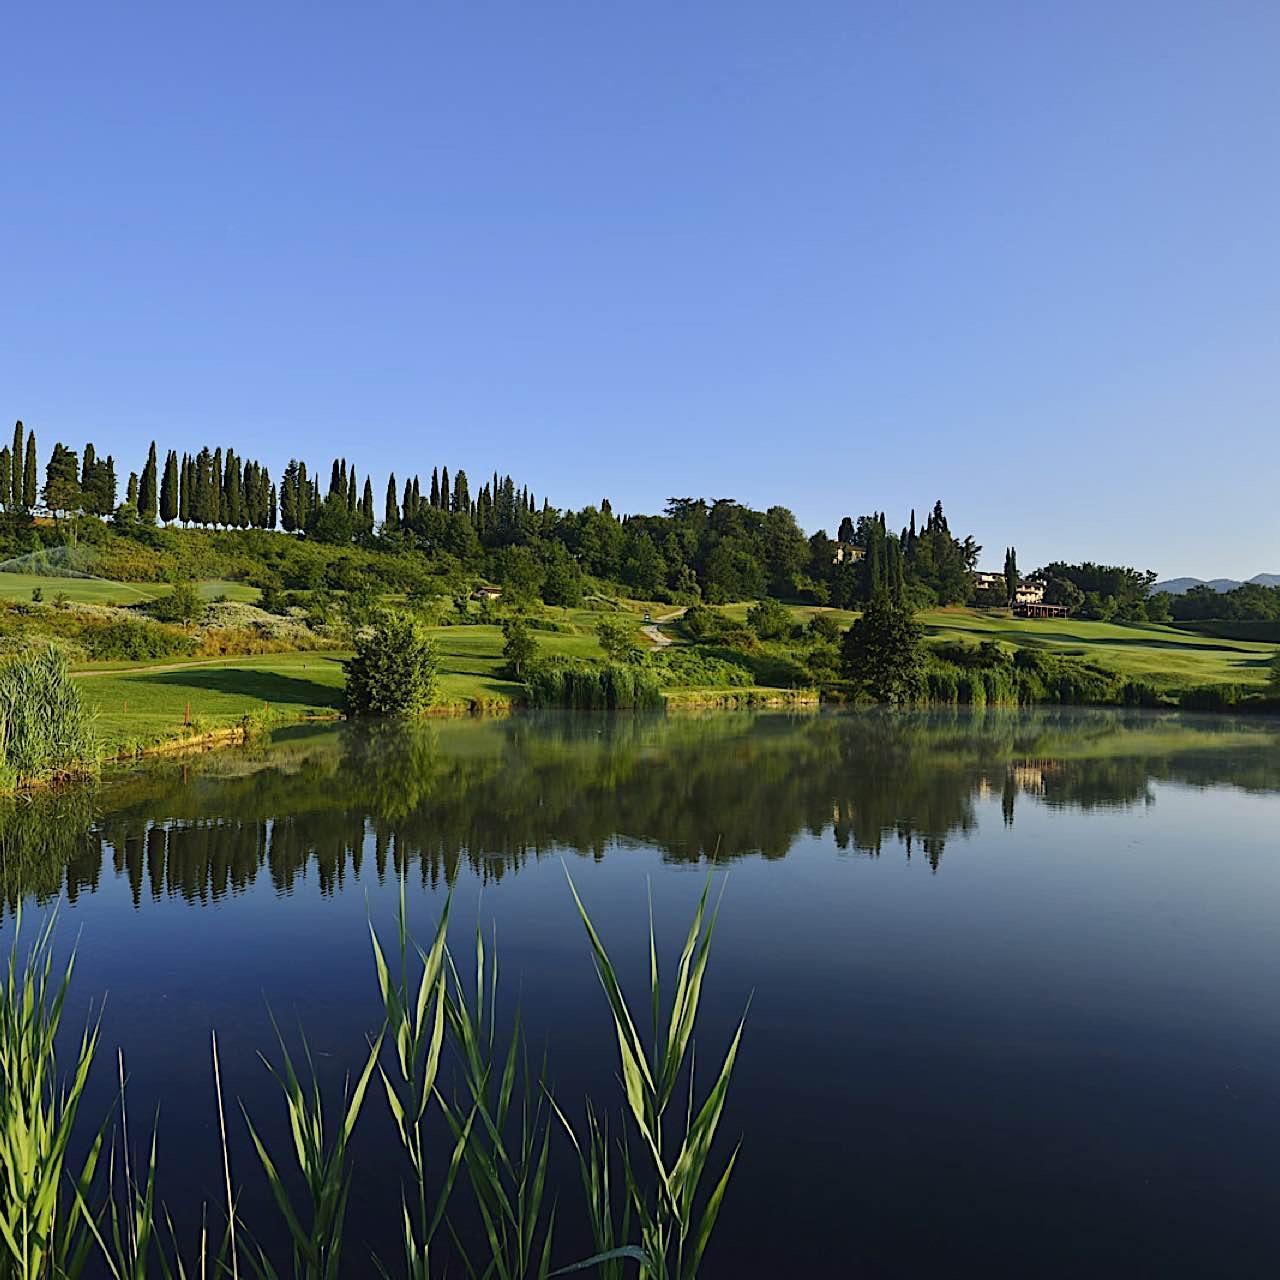 Golf Lake | Poggio dei Medici Toscana